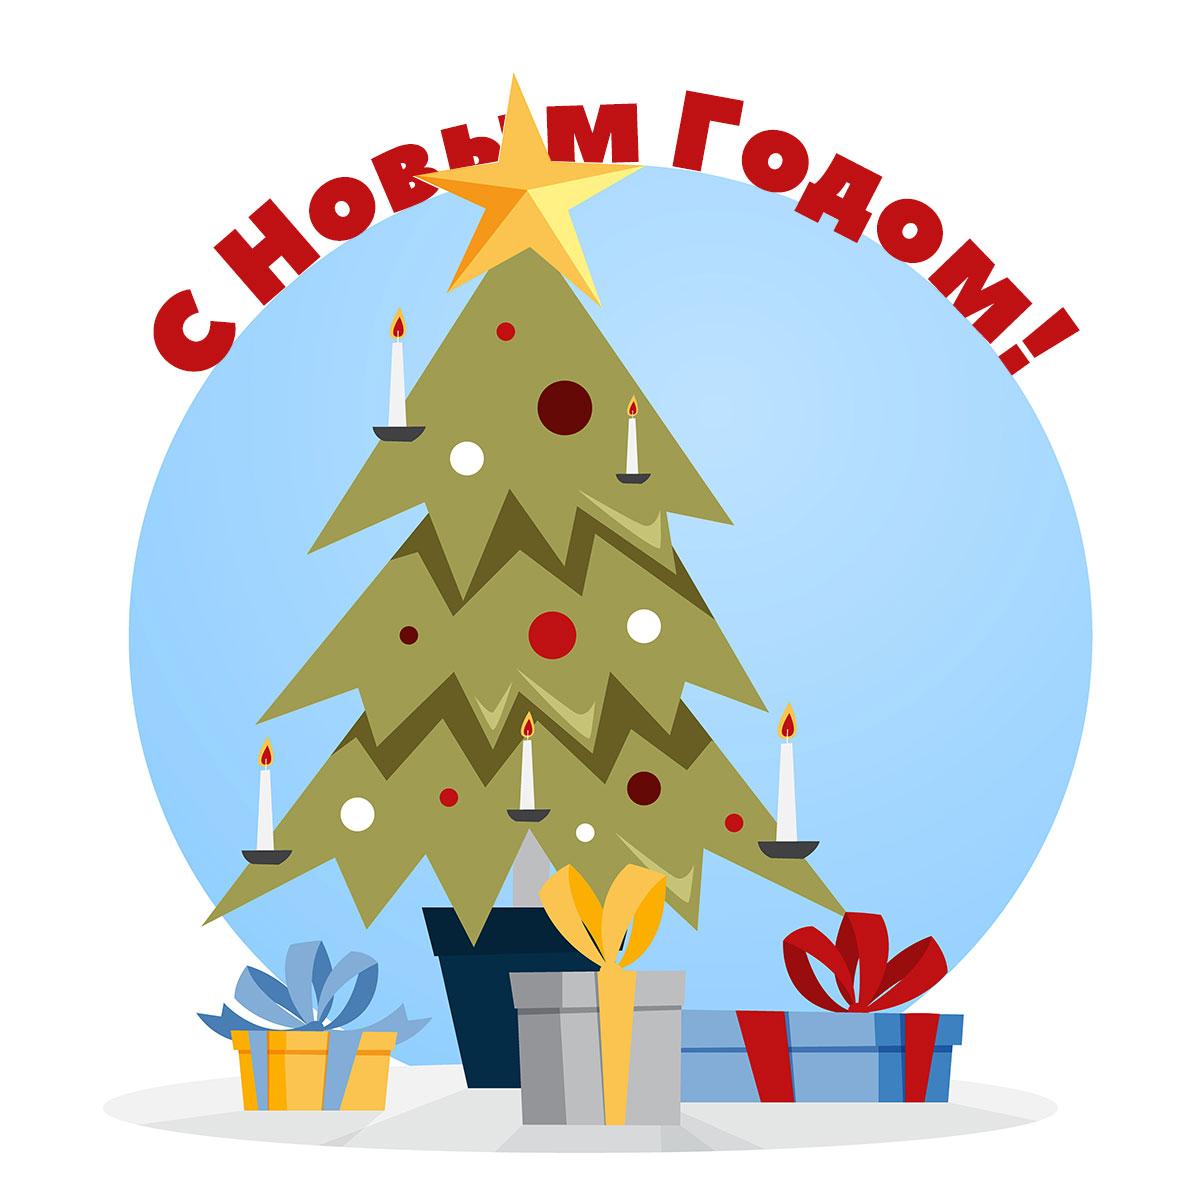 Конусообразная новогодняя ёлка на фоне голубого круга с коробками подарков.